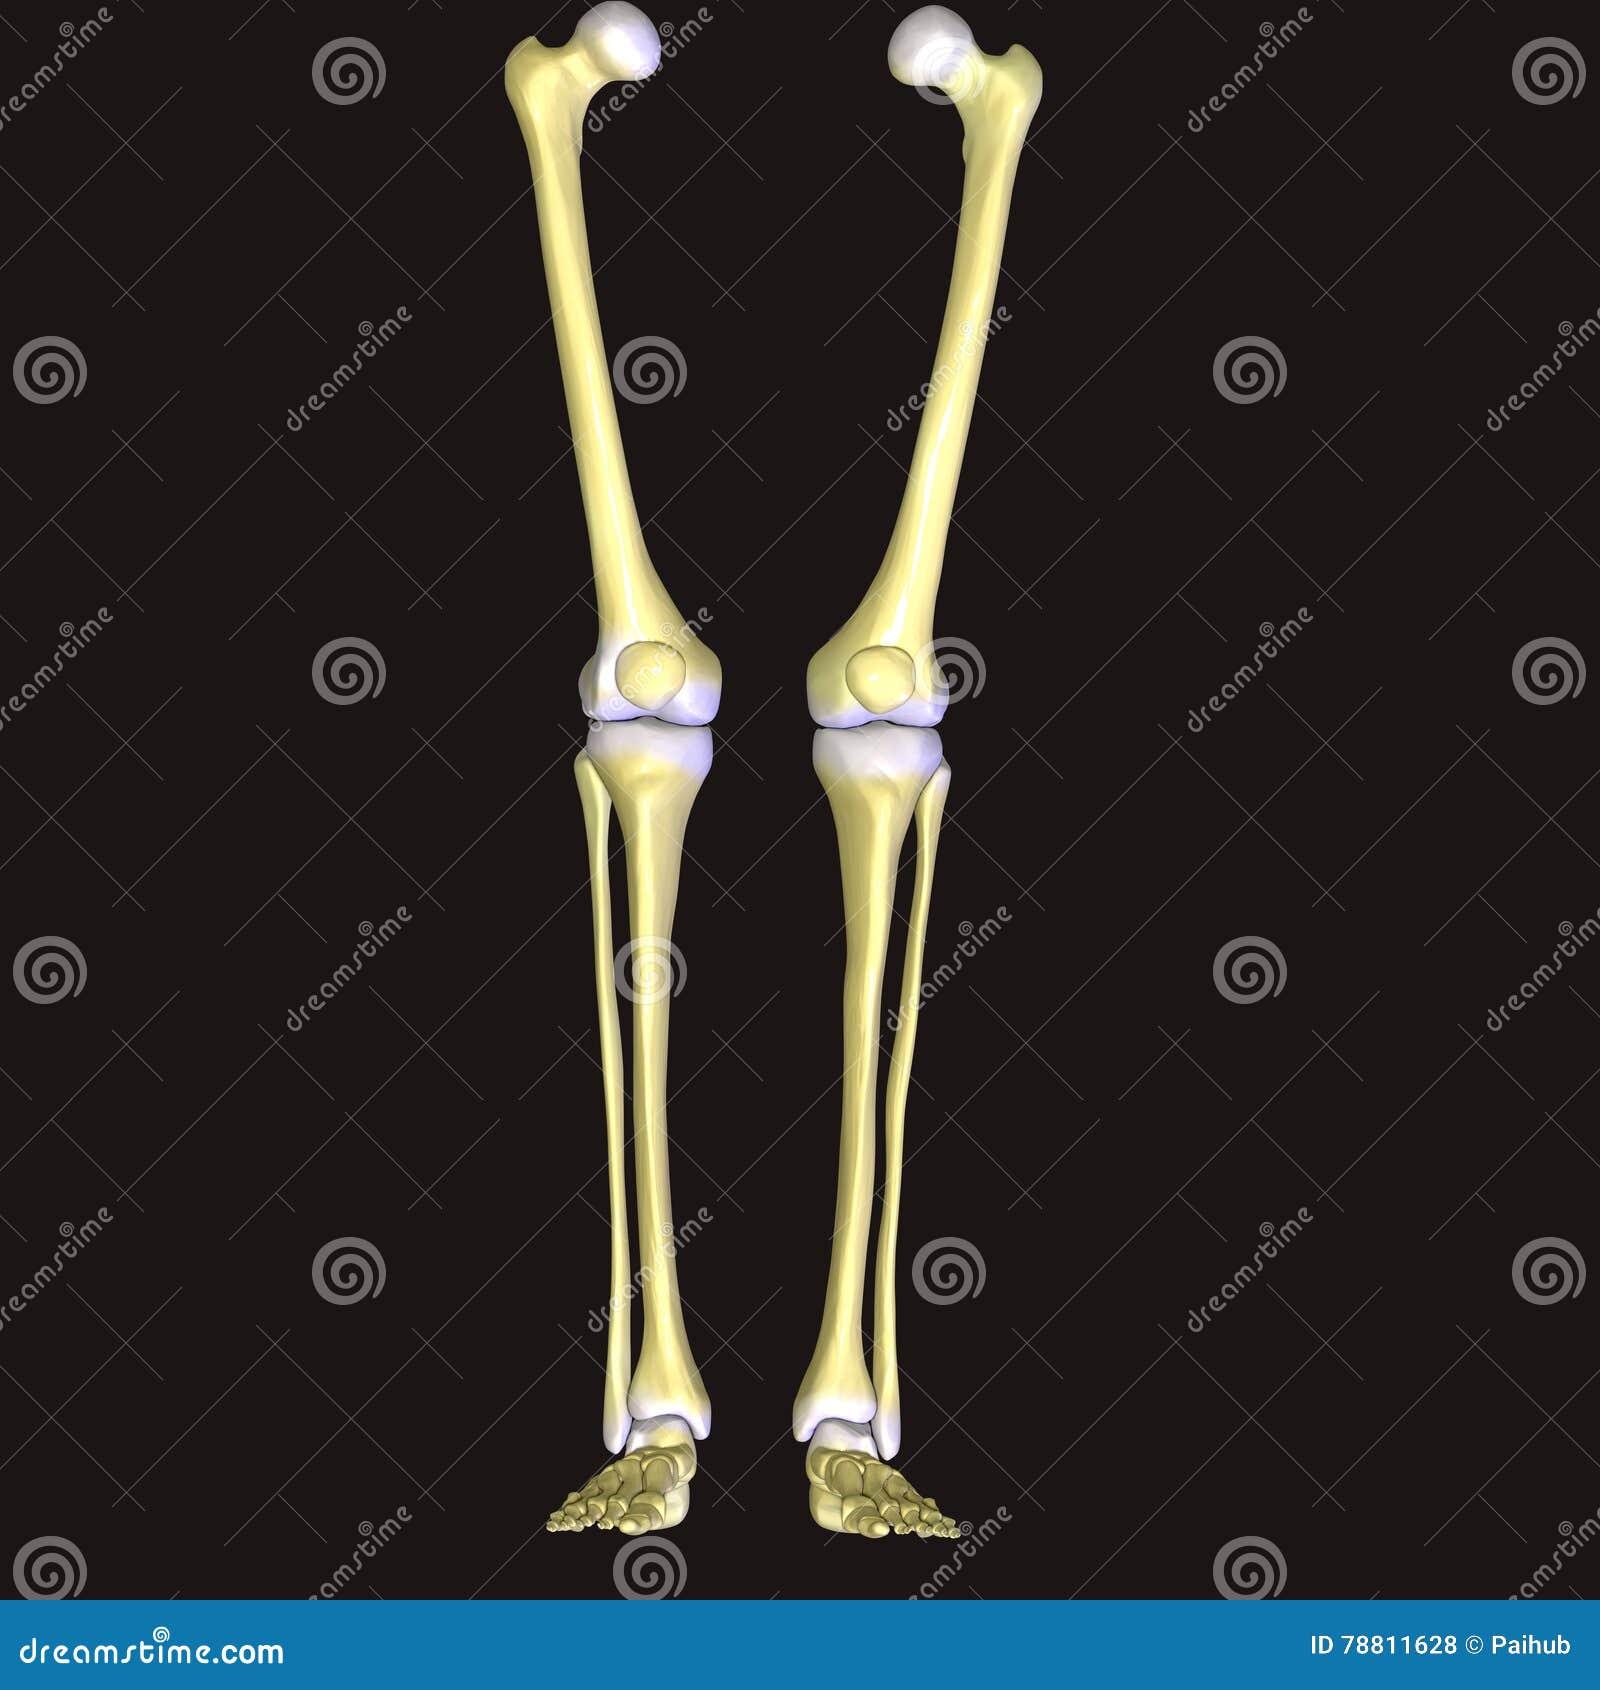 Das Menschliche Bein Ist Die Gesamte Untere Extremität Oder Das ...